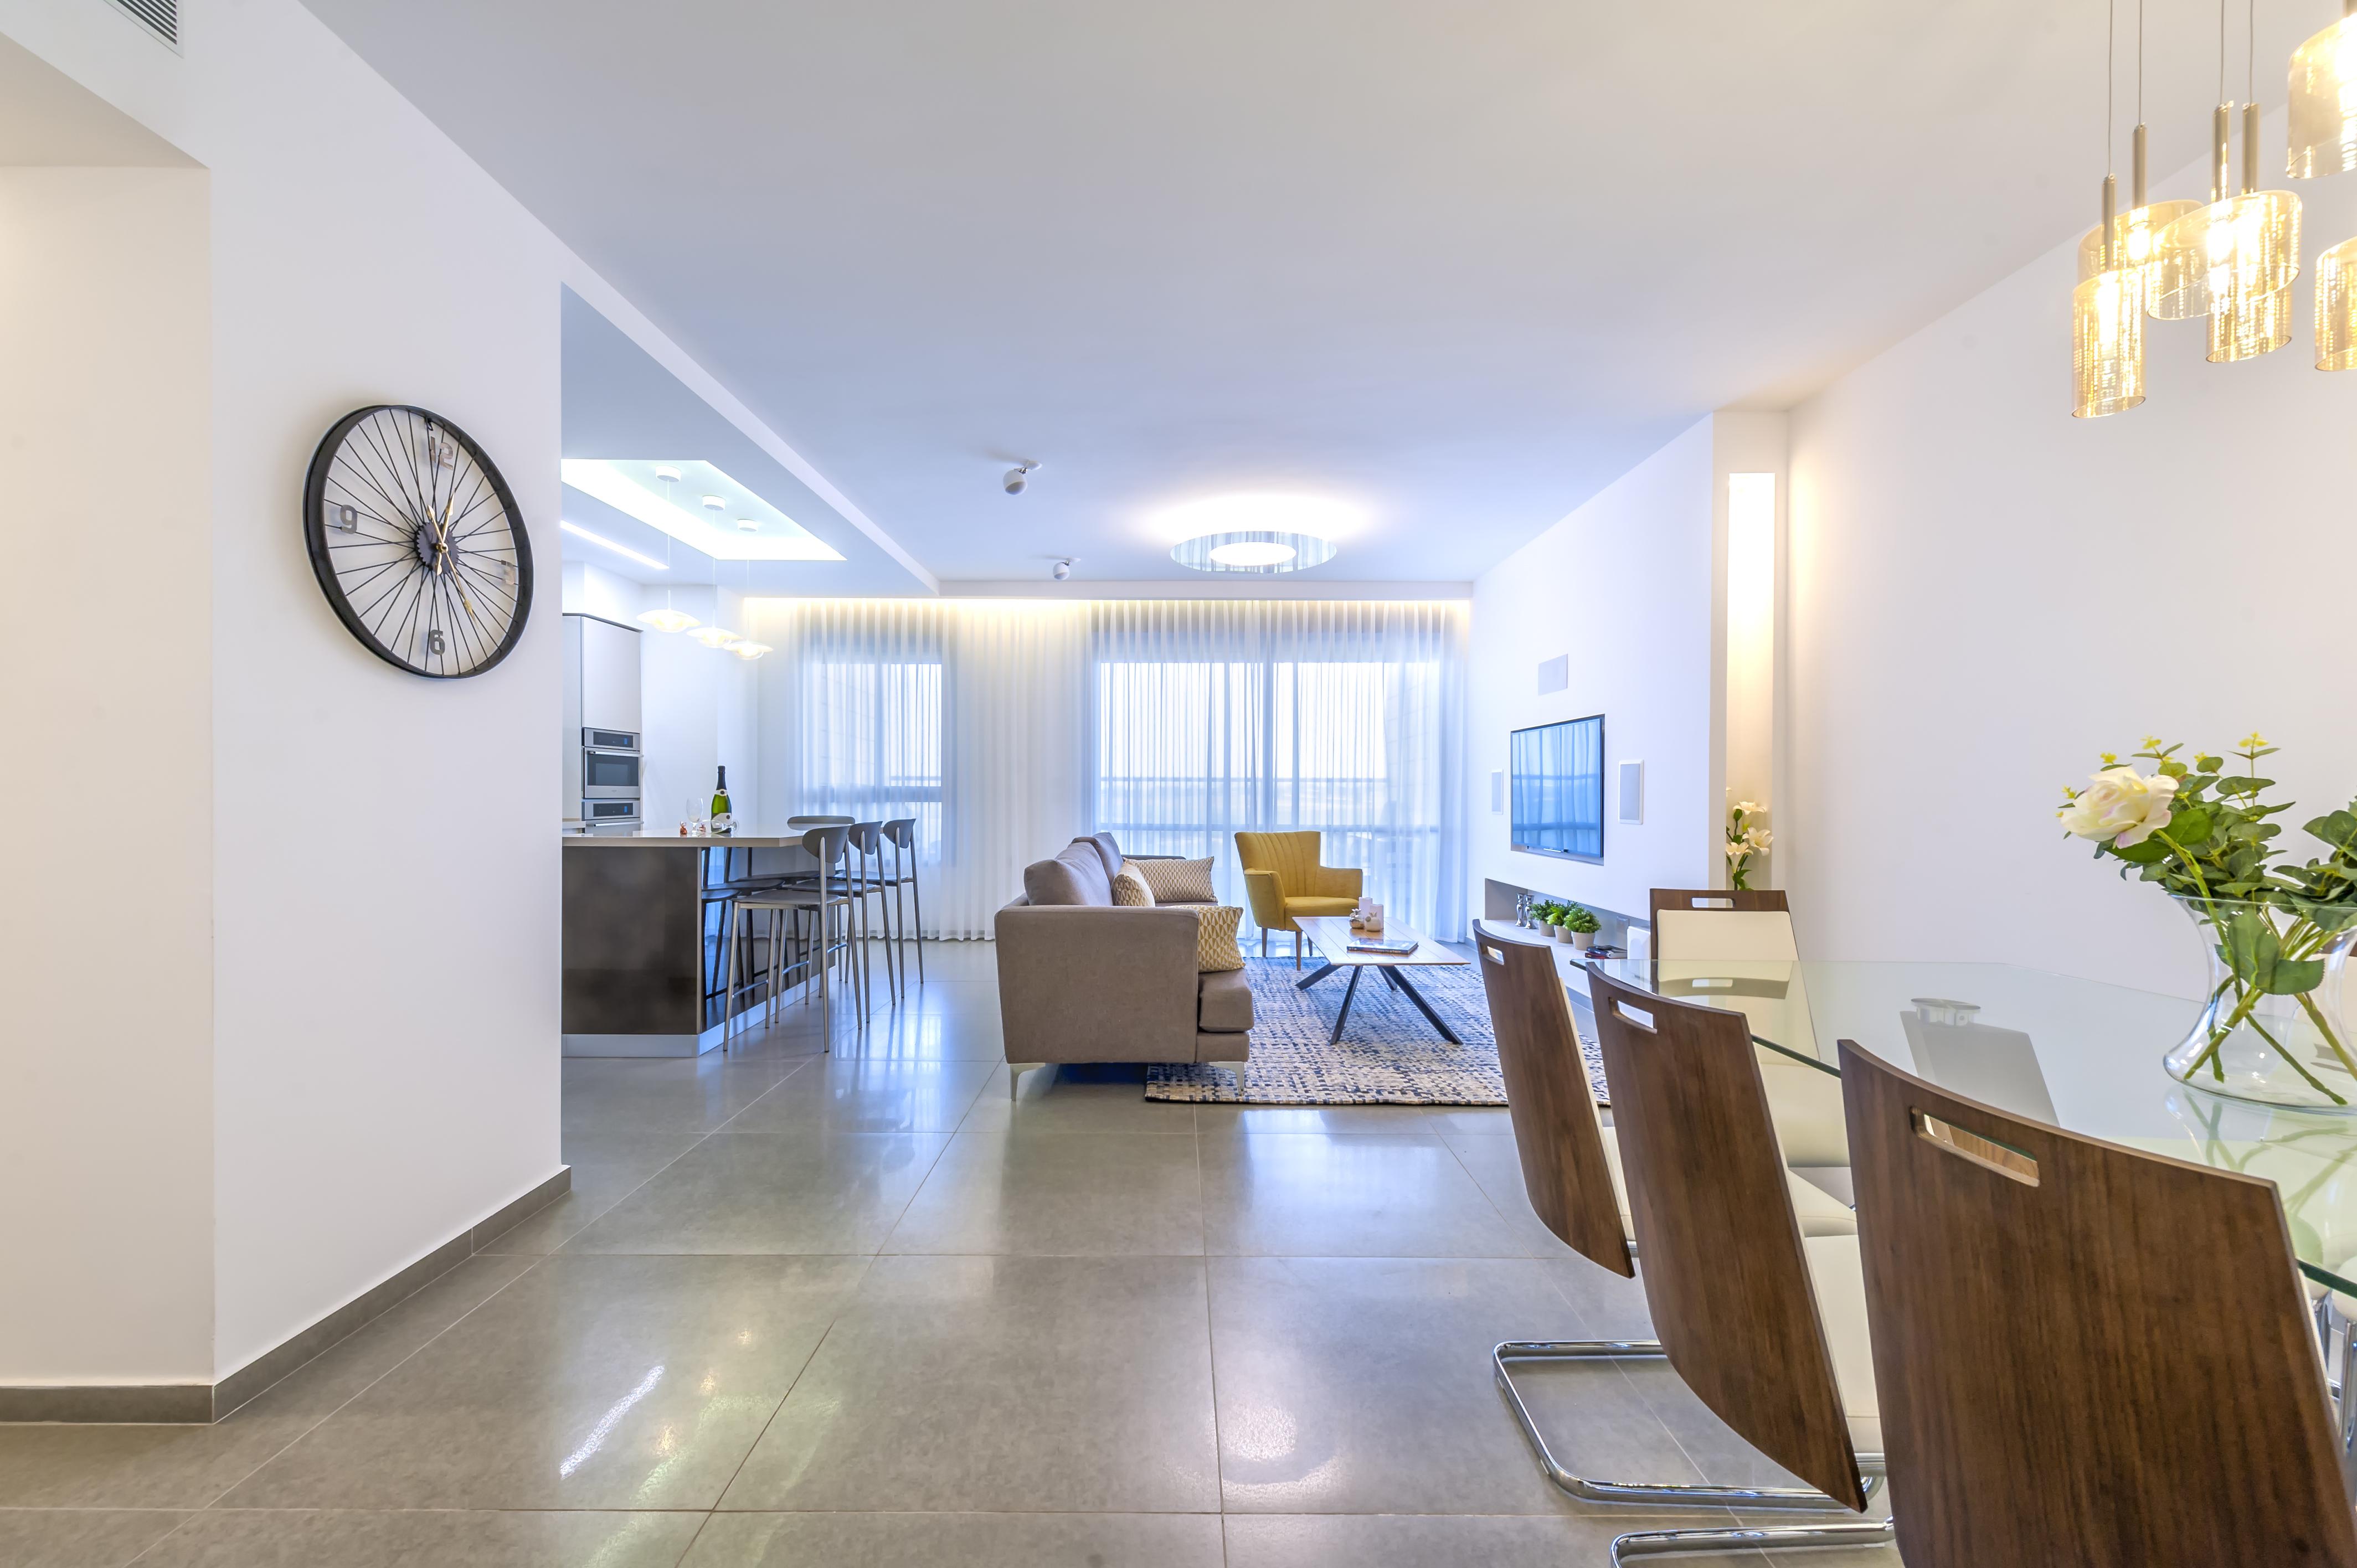 מבט לאורך הבית מדגיש את האור הטבעי בבית